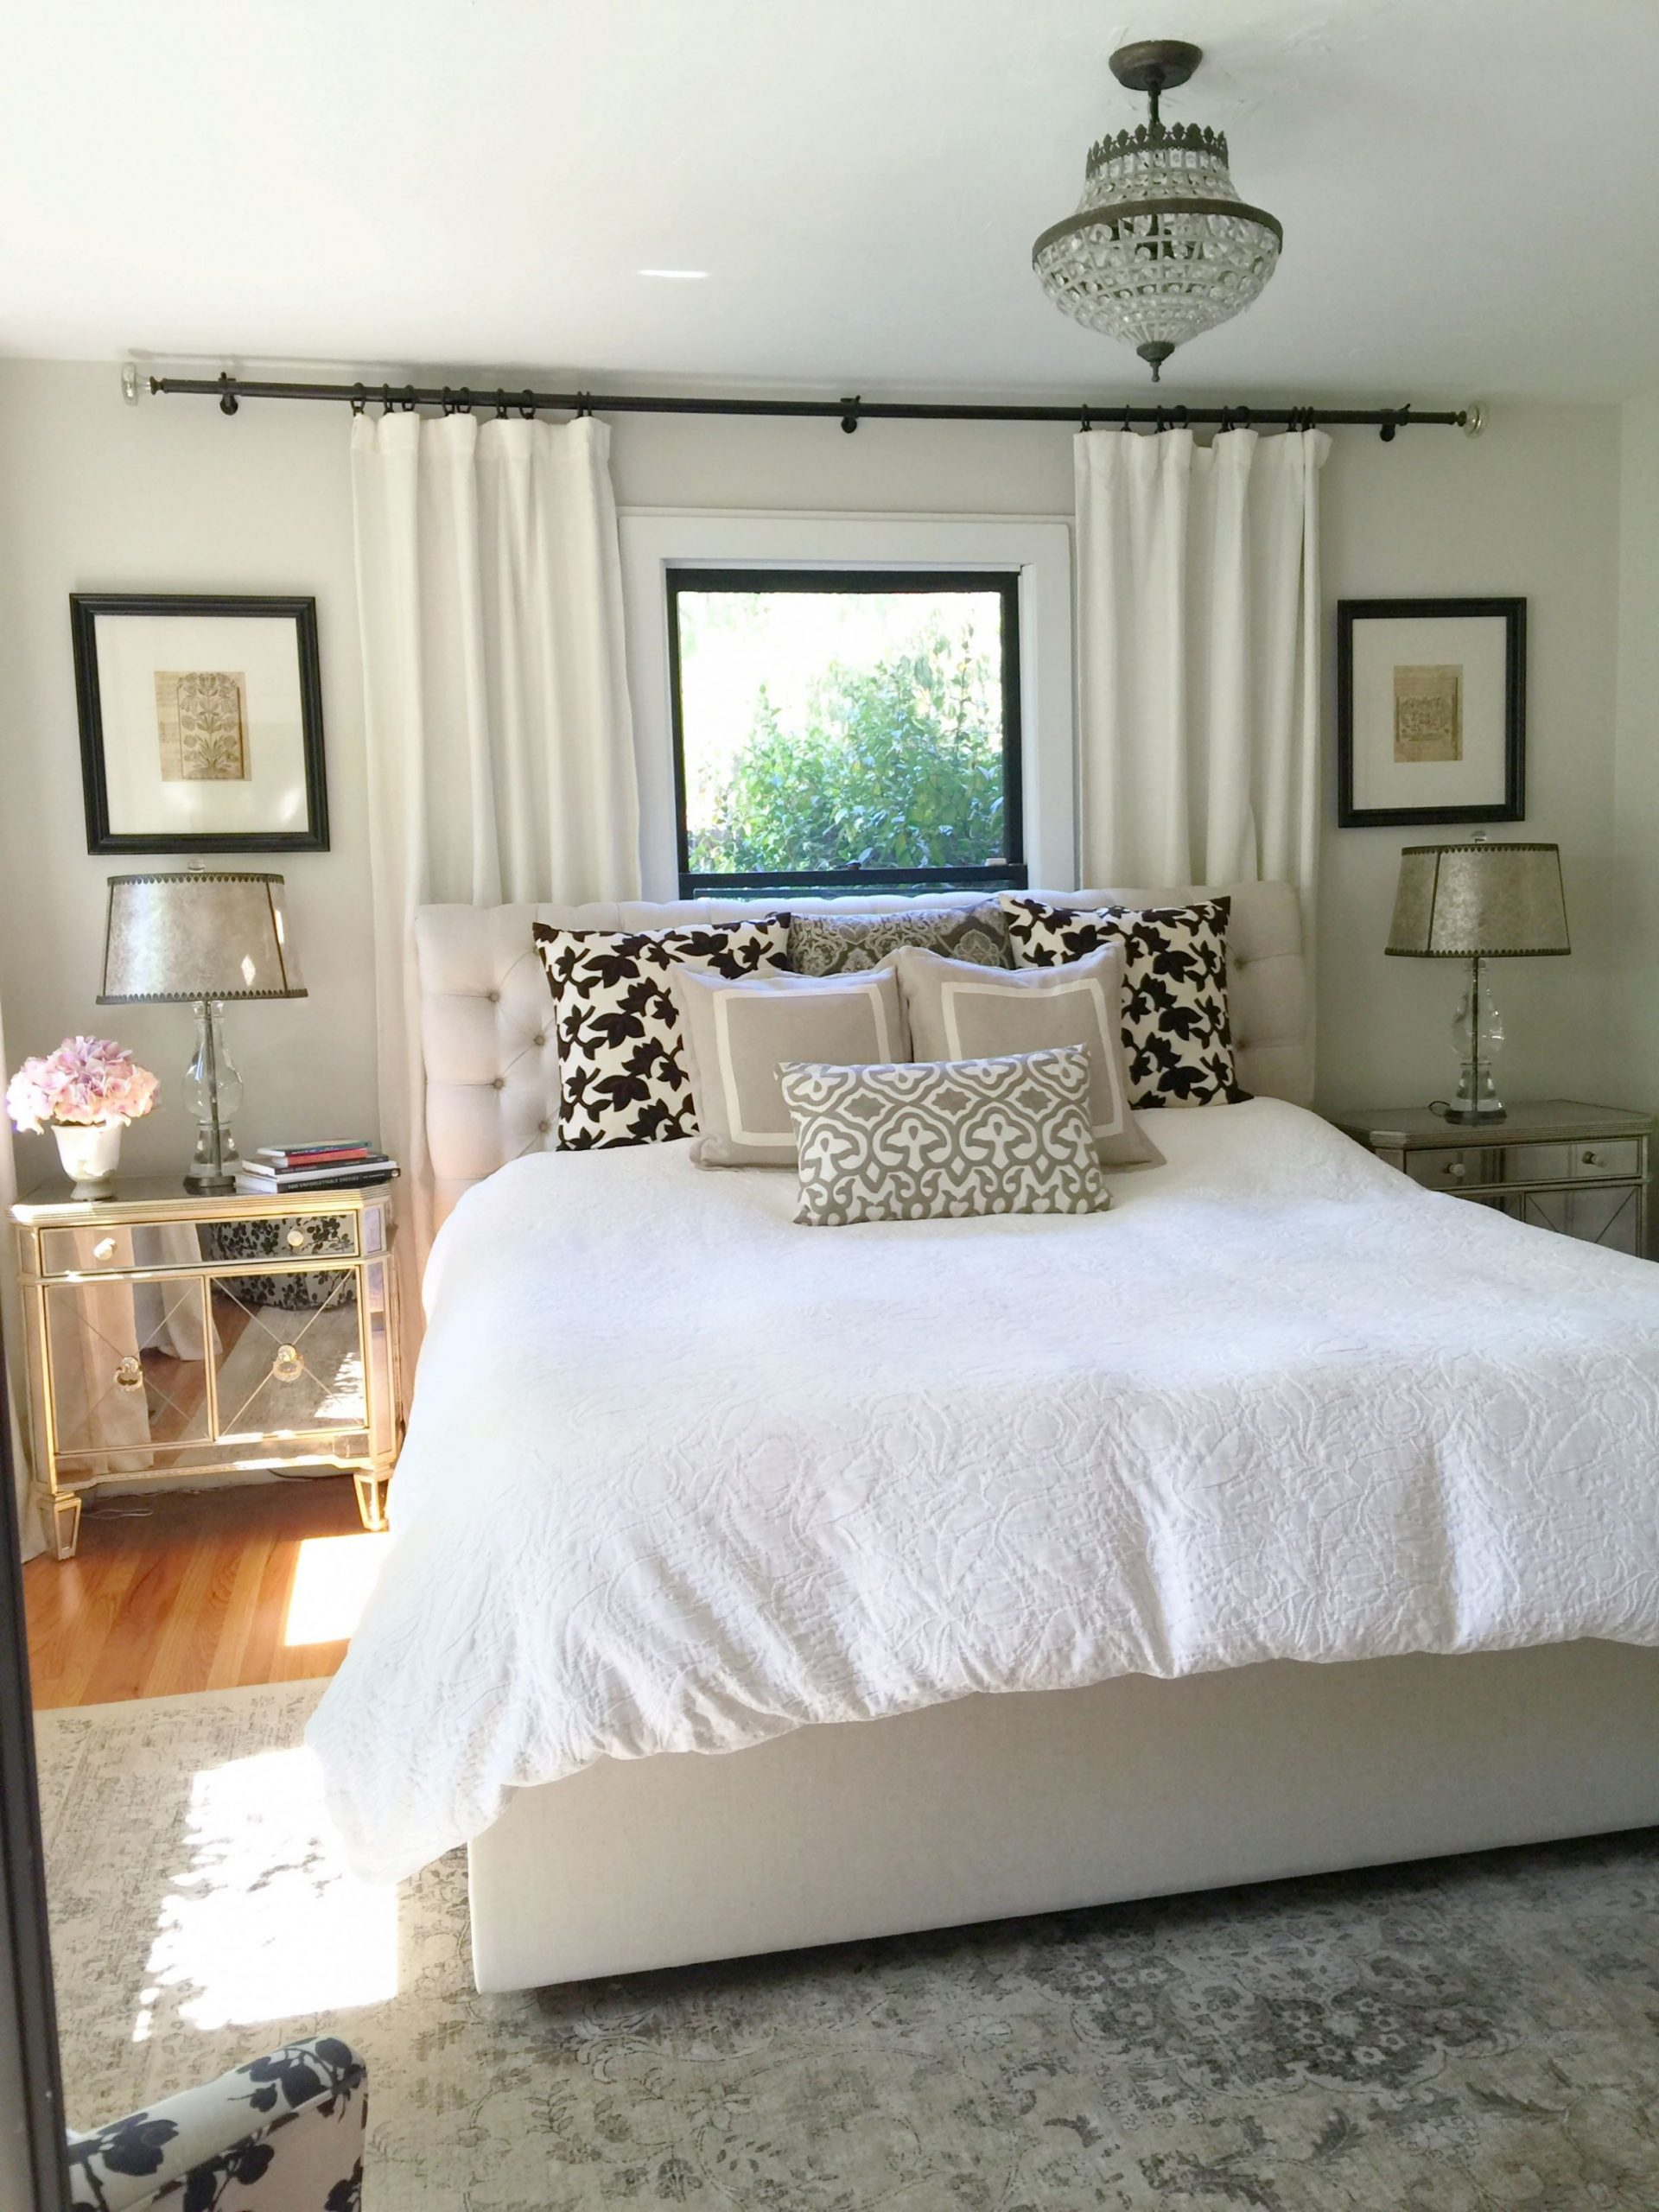 Neutral bedroom. Window behind bed